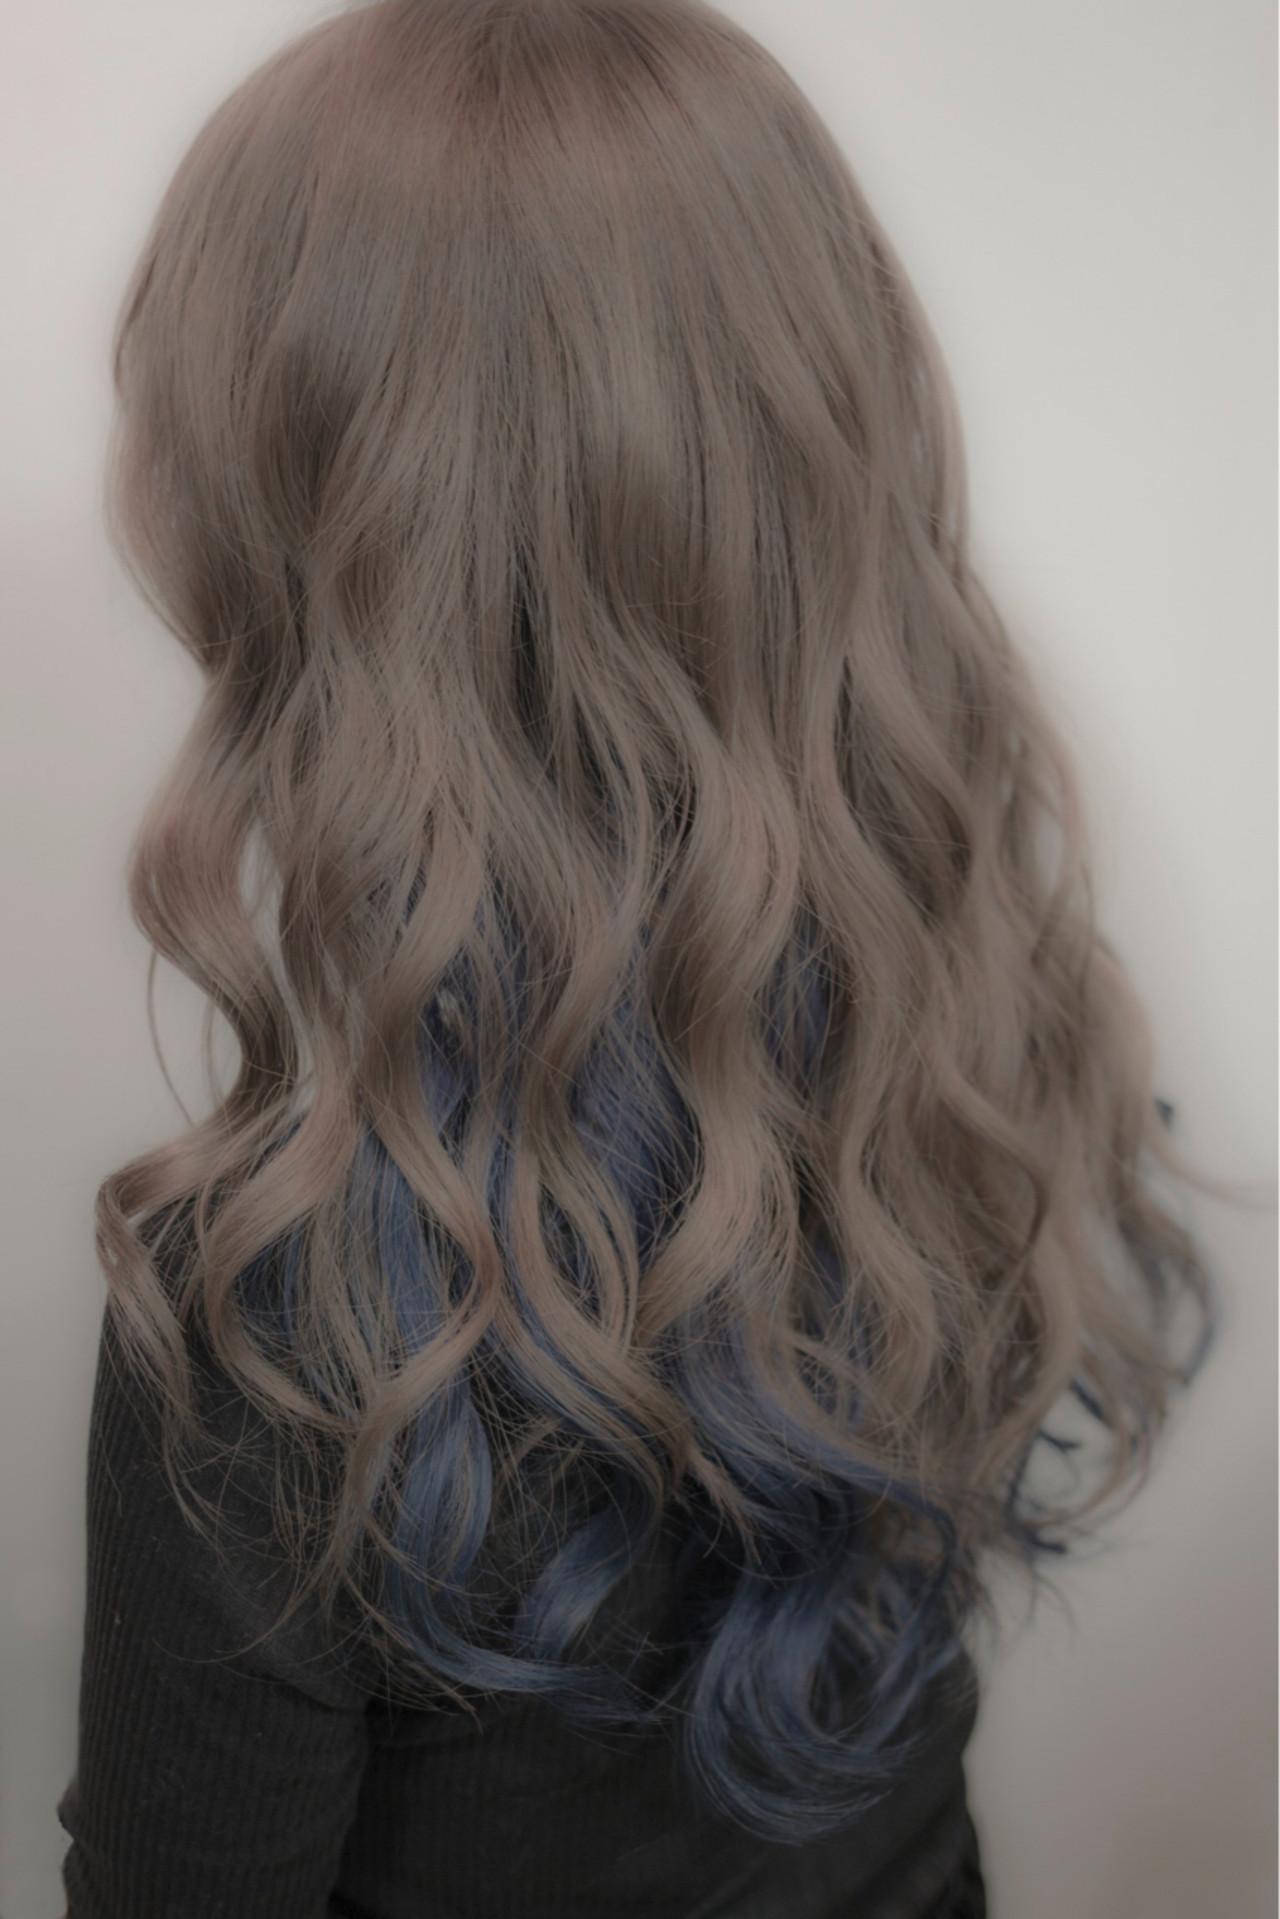 ハイトーン セミロング 外国人風カラー インナーカラー ヘアスタイルや髪型の写真・画像